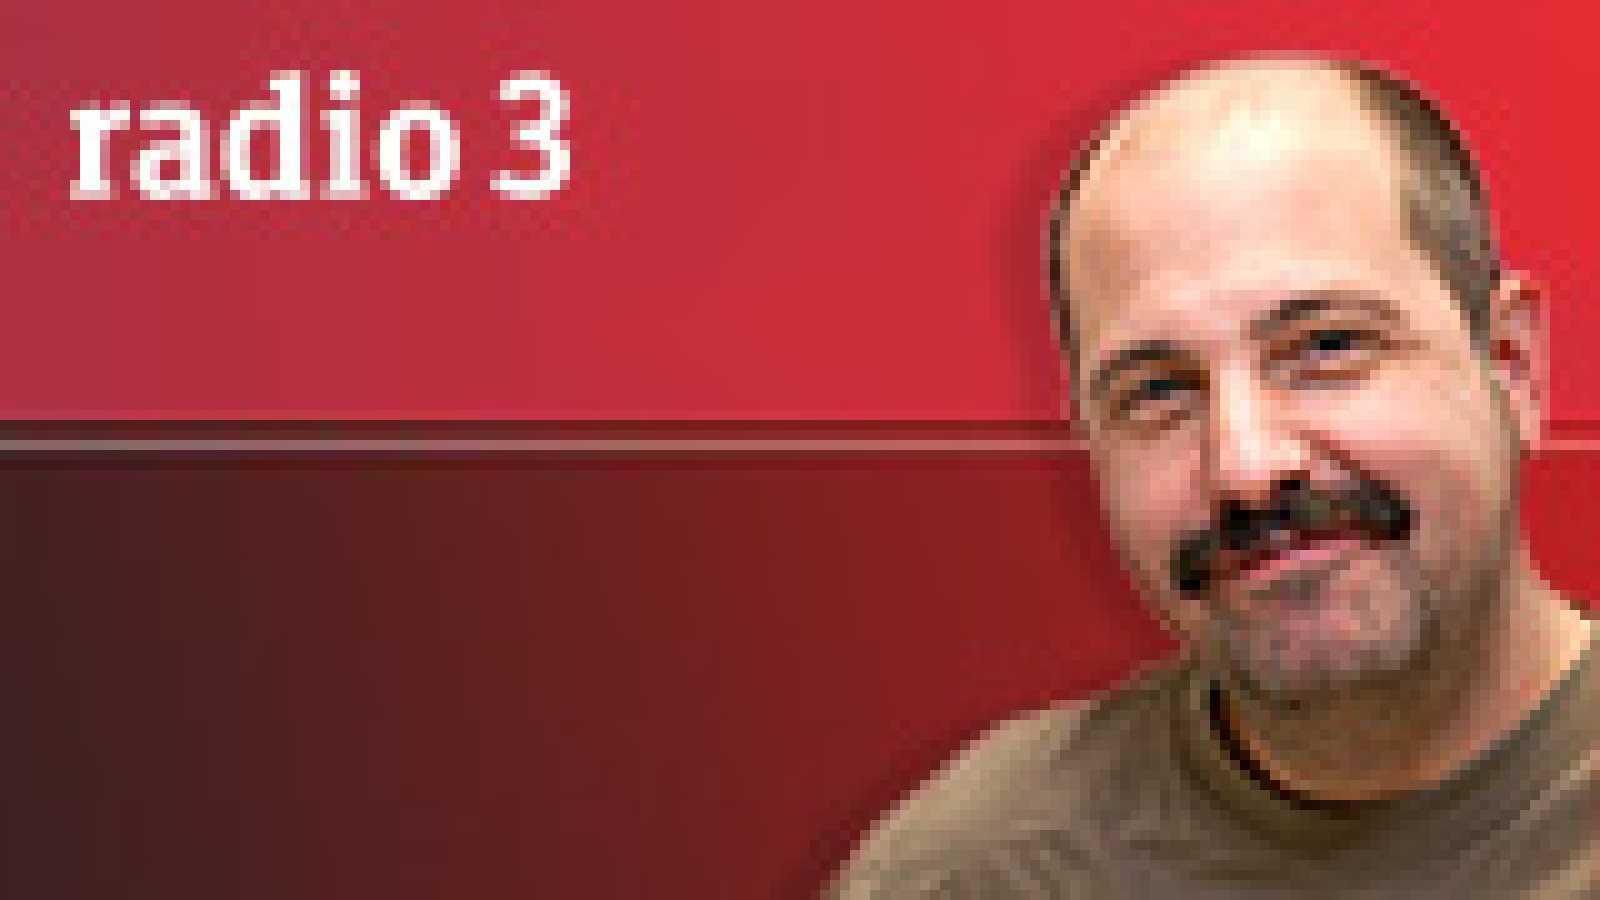 Hoy empieza todo con José Manuel Sebastián - El coraje de Miquel Vilella - 16/05/14 - escuchar ahora